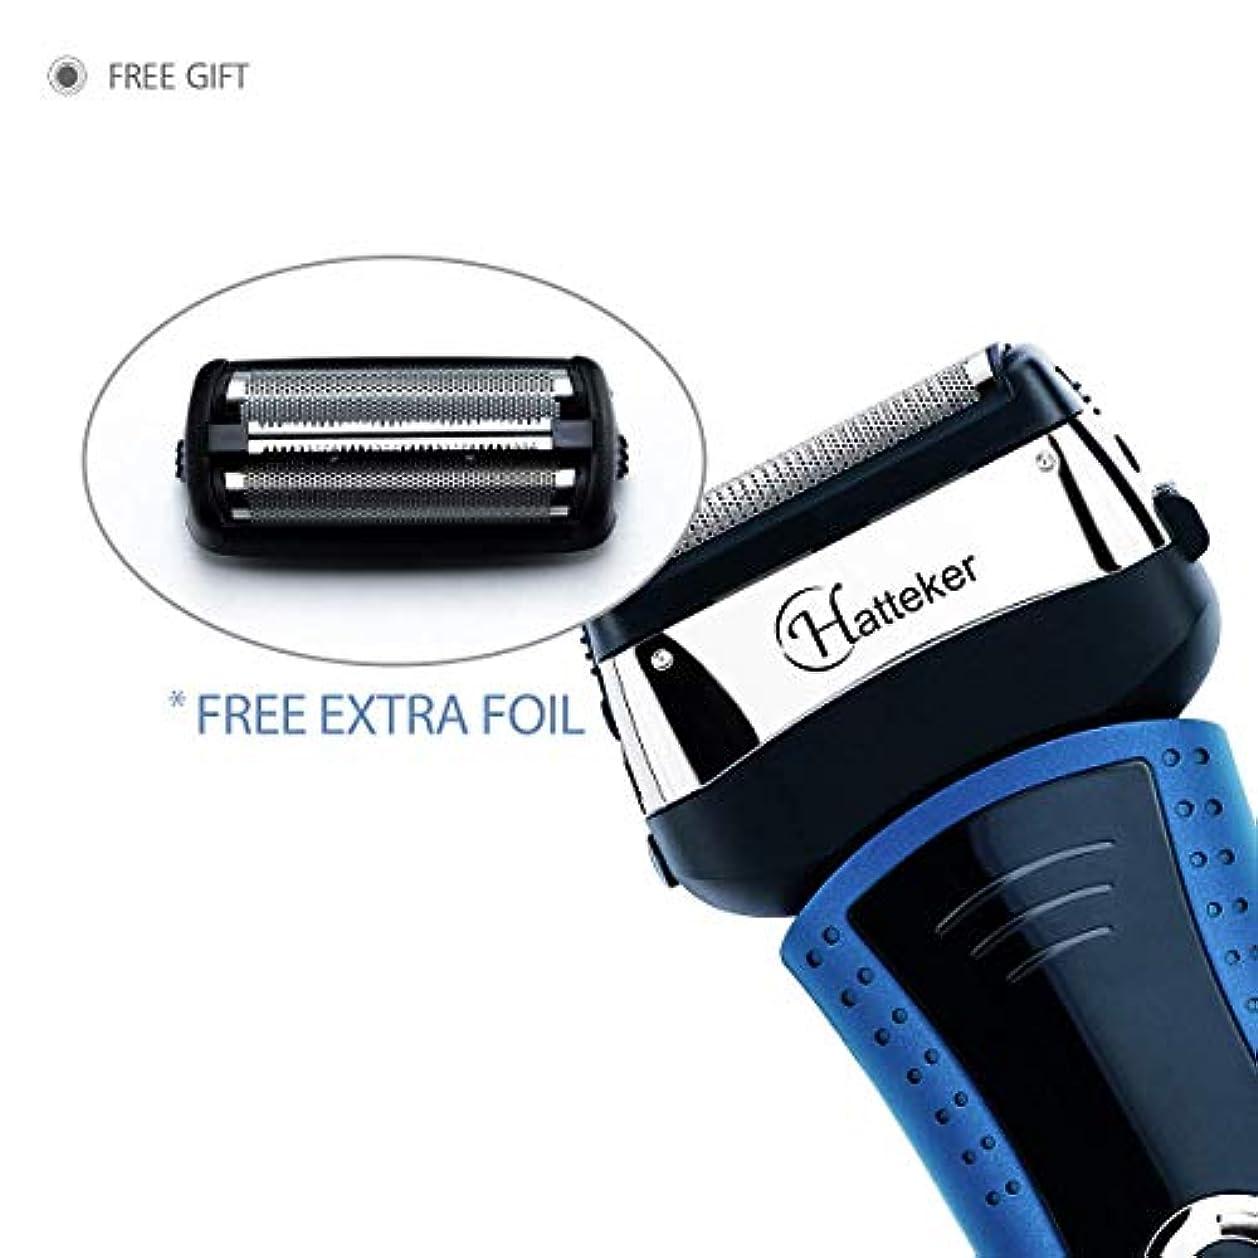 メンズシェーバー ひげそり 電動髭剃り 往復式シェーバー 3枚刃 USB充電式 LEDディスプレイ お風呂剃り & 丸洗可 替刃付き